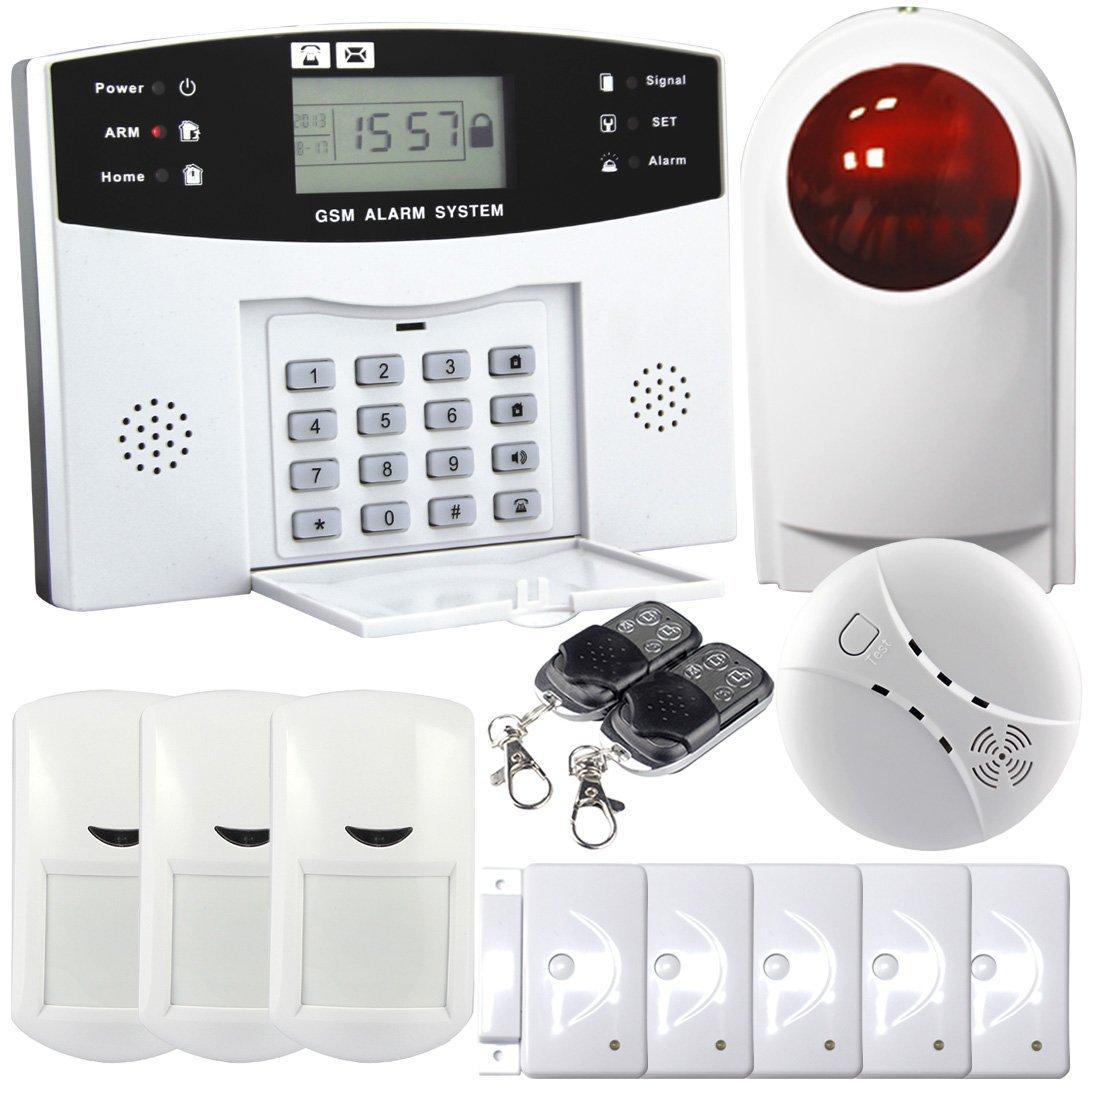 Safearmed®Wireless Smart GSM Sistema de alarme de segurança em casa Tela LCD azul com relógio de tempo e exibição de status de alarme